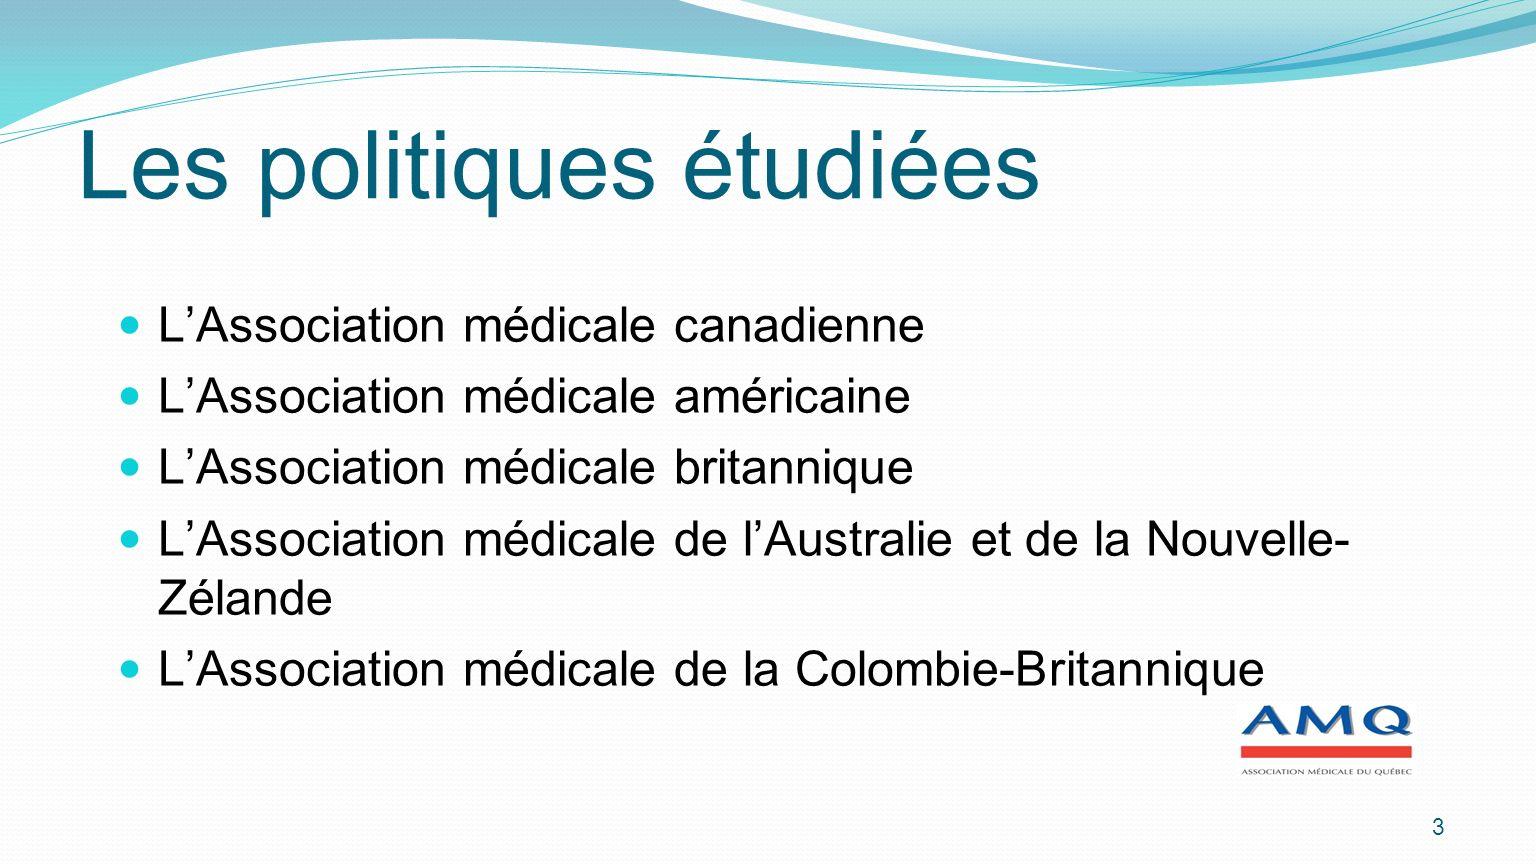 3 Les politiques étudiées LAssociation médicale canadienne LAssociation médicale américaine LAssociation médicale britannique LAssociation médicale de lAustralie et de la Nouvelle- Zélande LAssociation médicale de la Colombie-Britannique